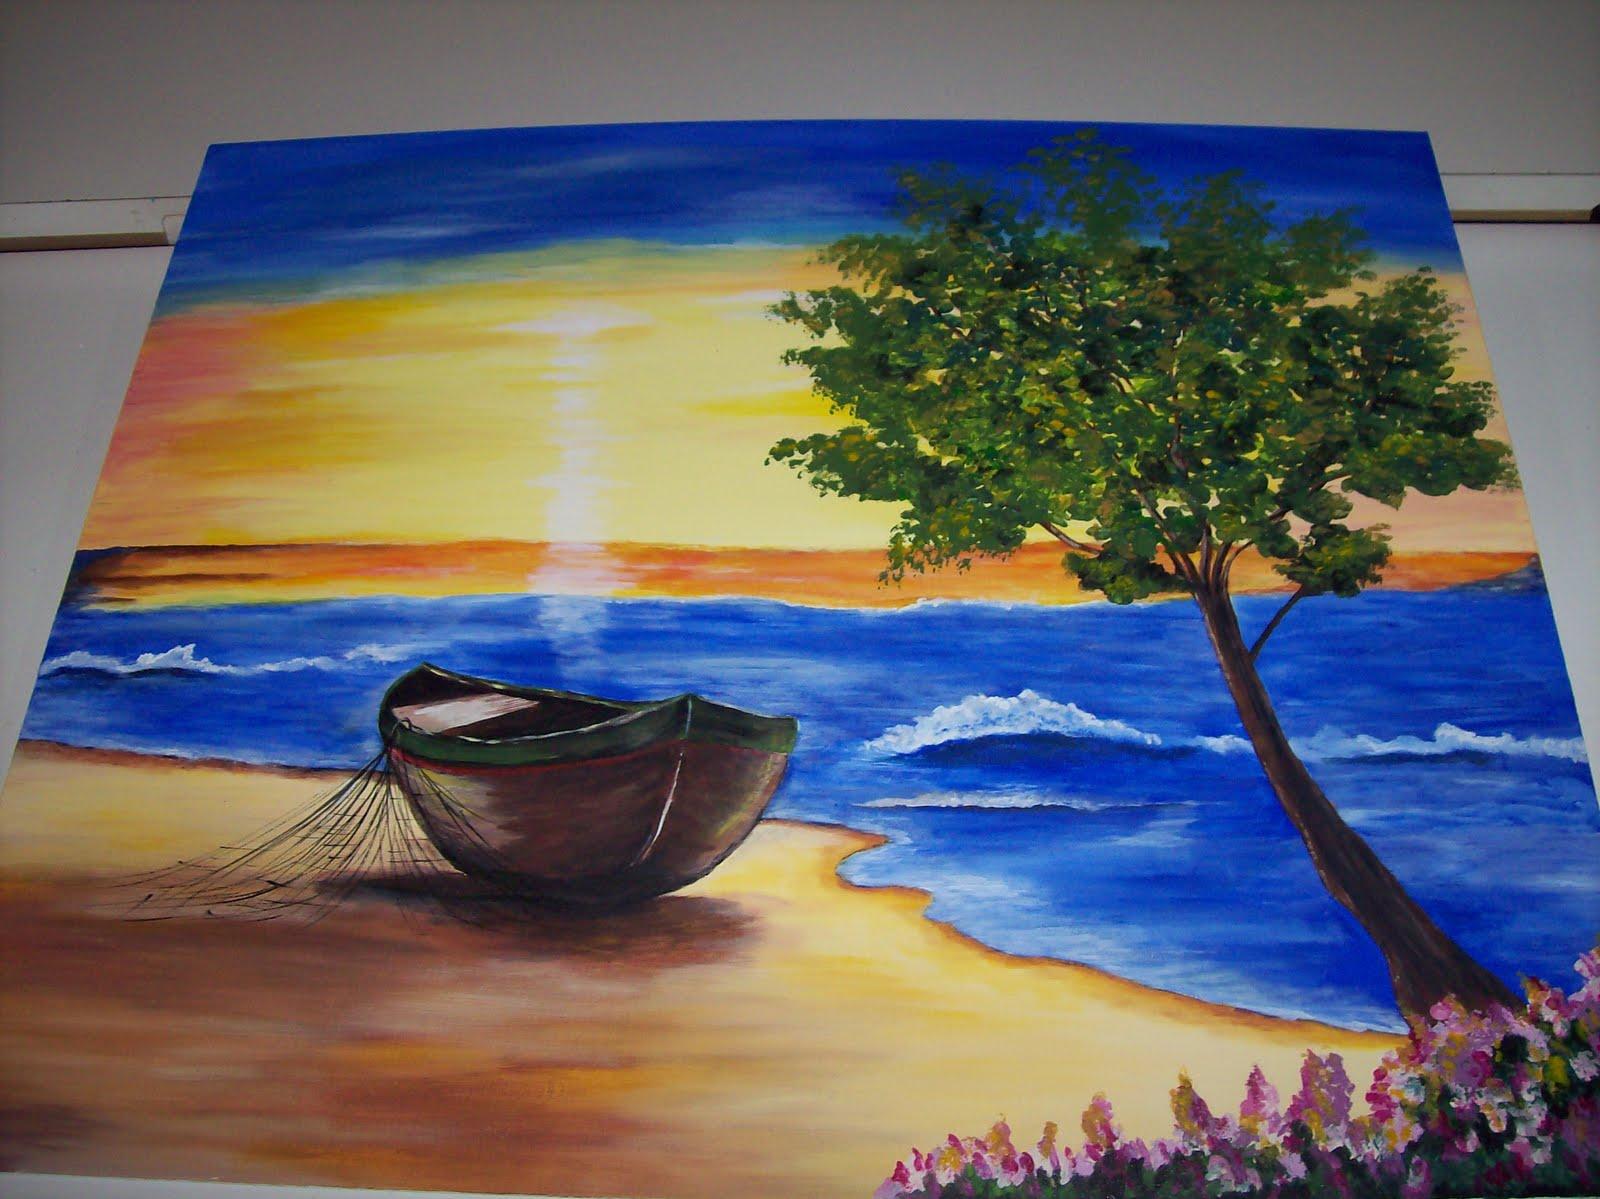 Taller creativo peque os grandes artistas - Cuadros pintados con spray ...